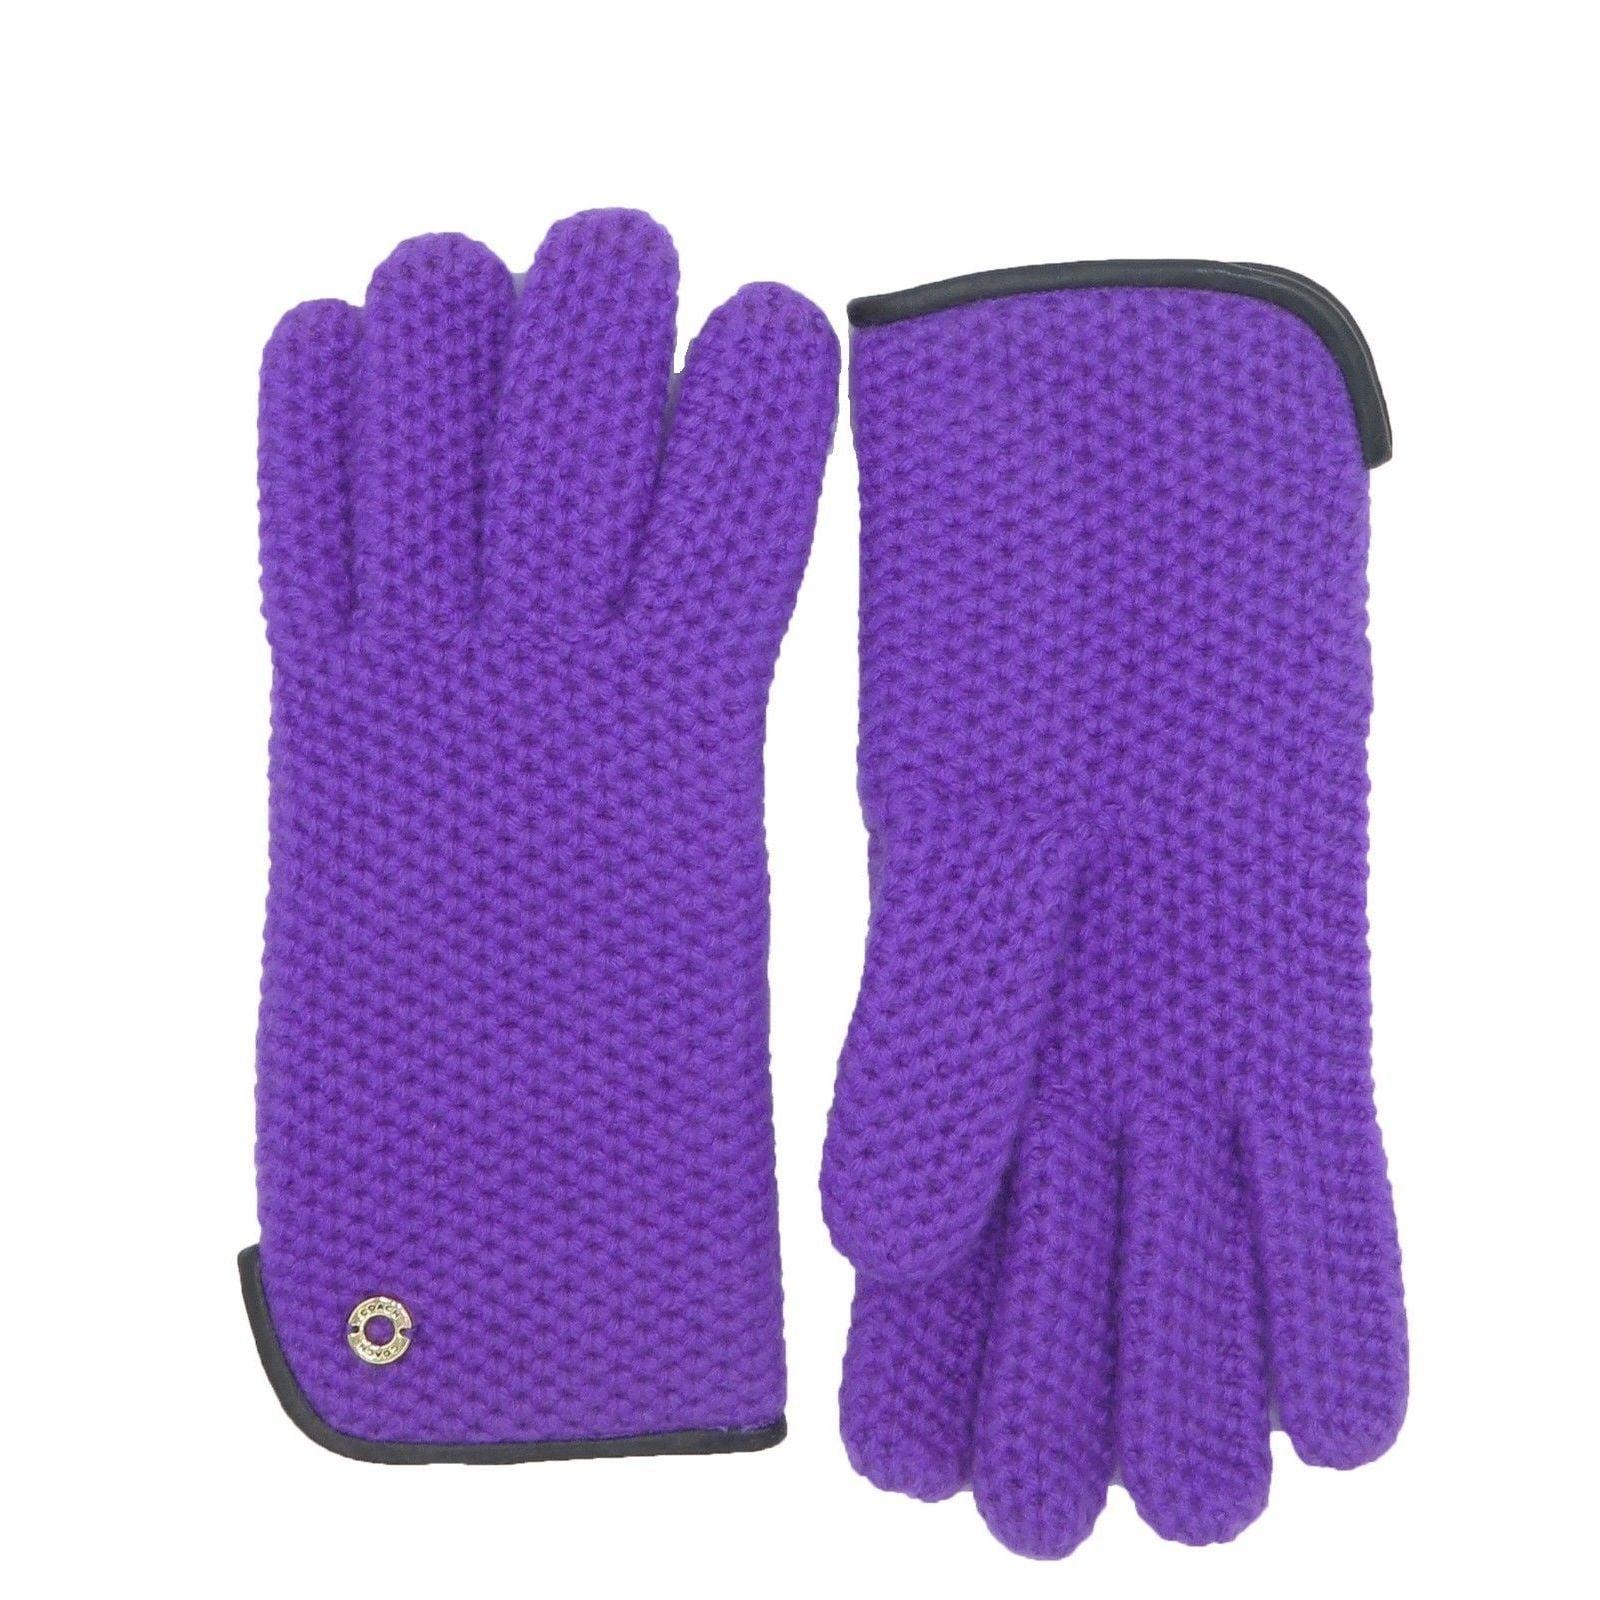 Coach Women's Purple Leather Wool Knit Gloves (XS/S)